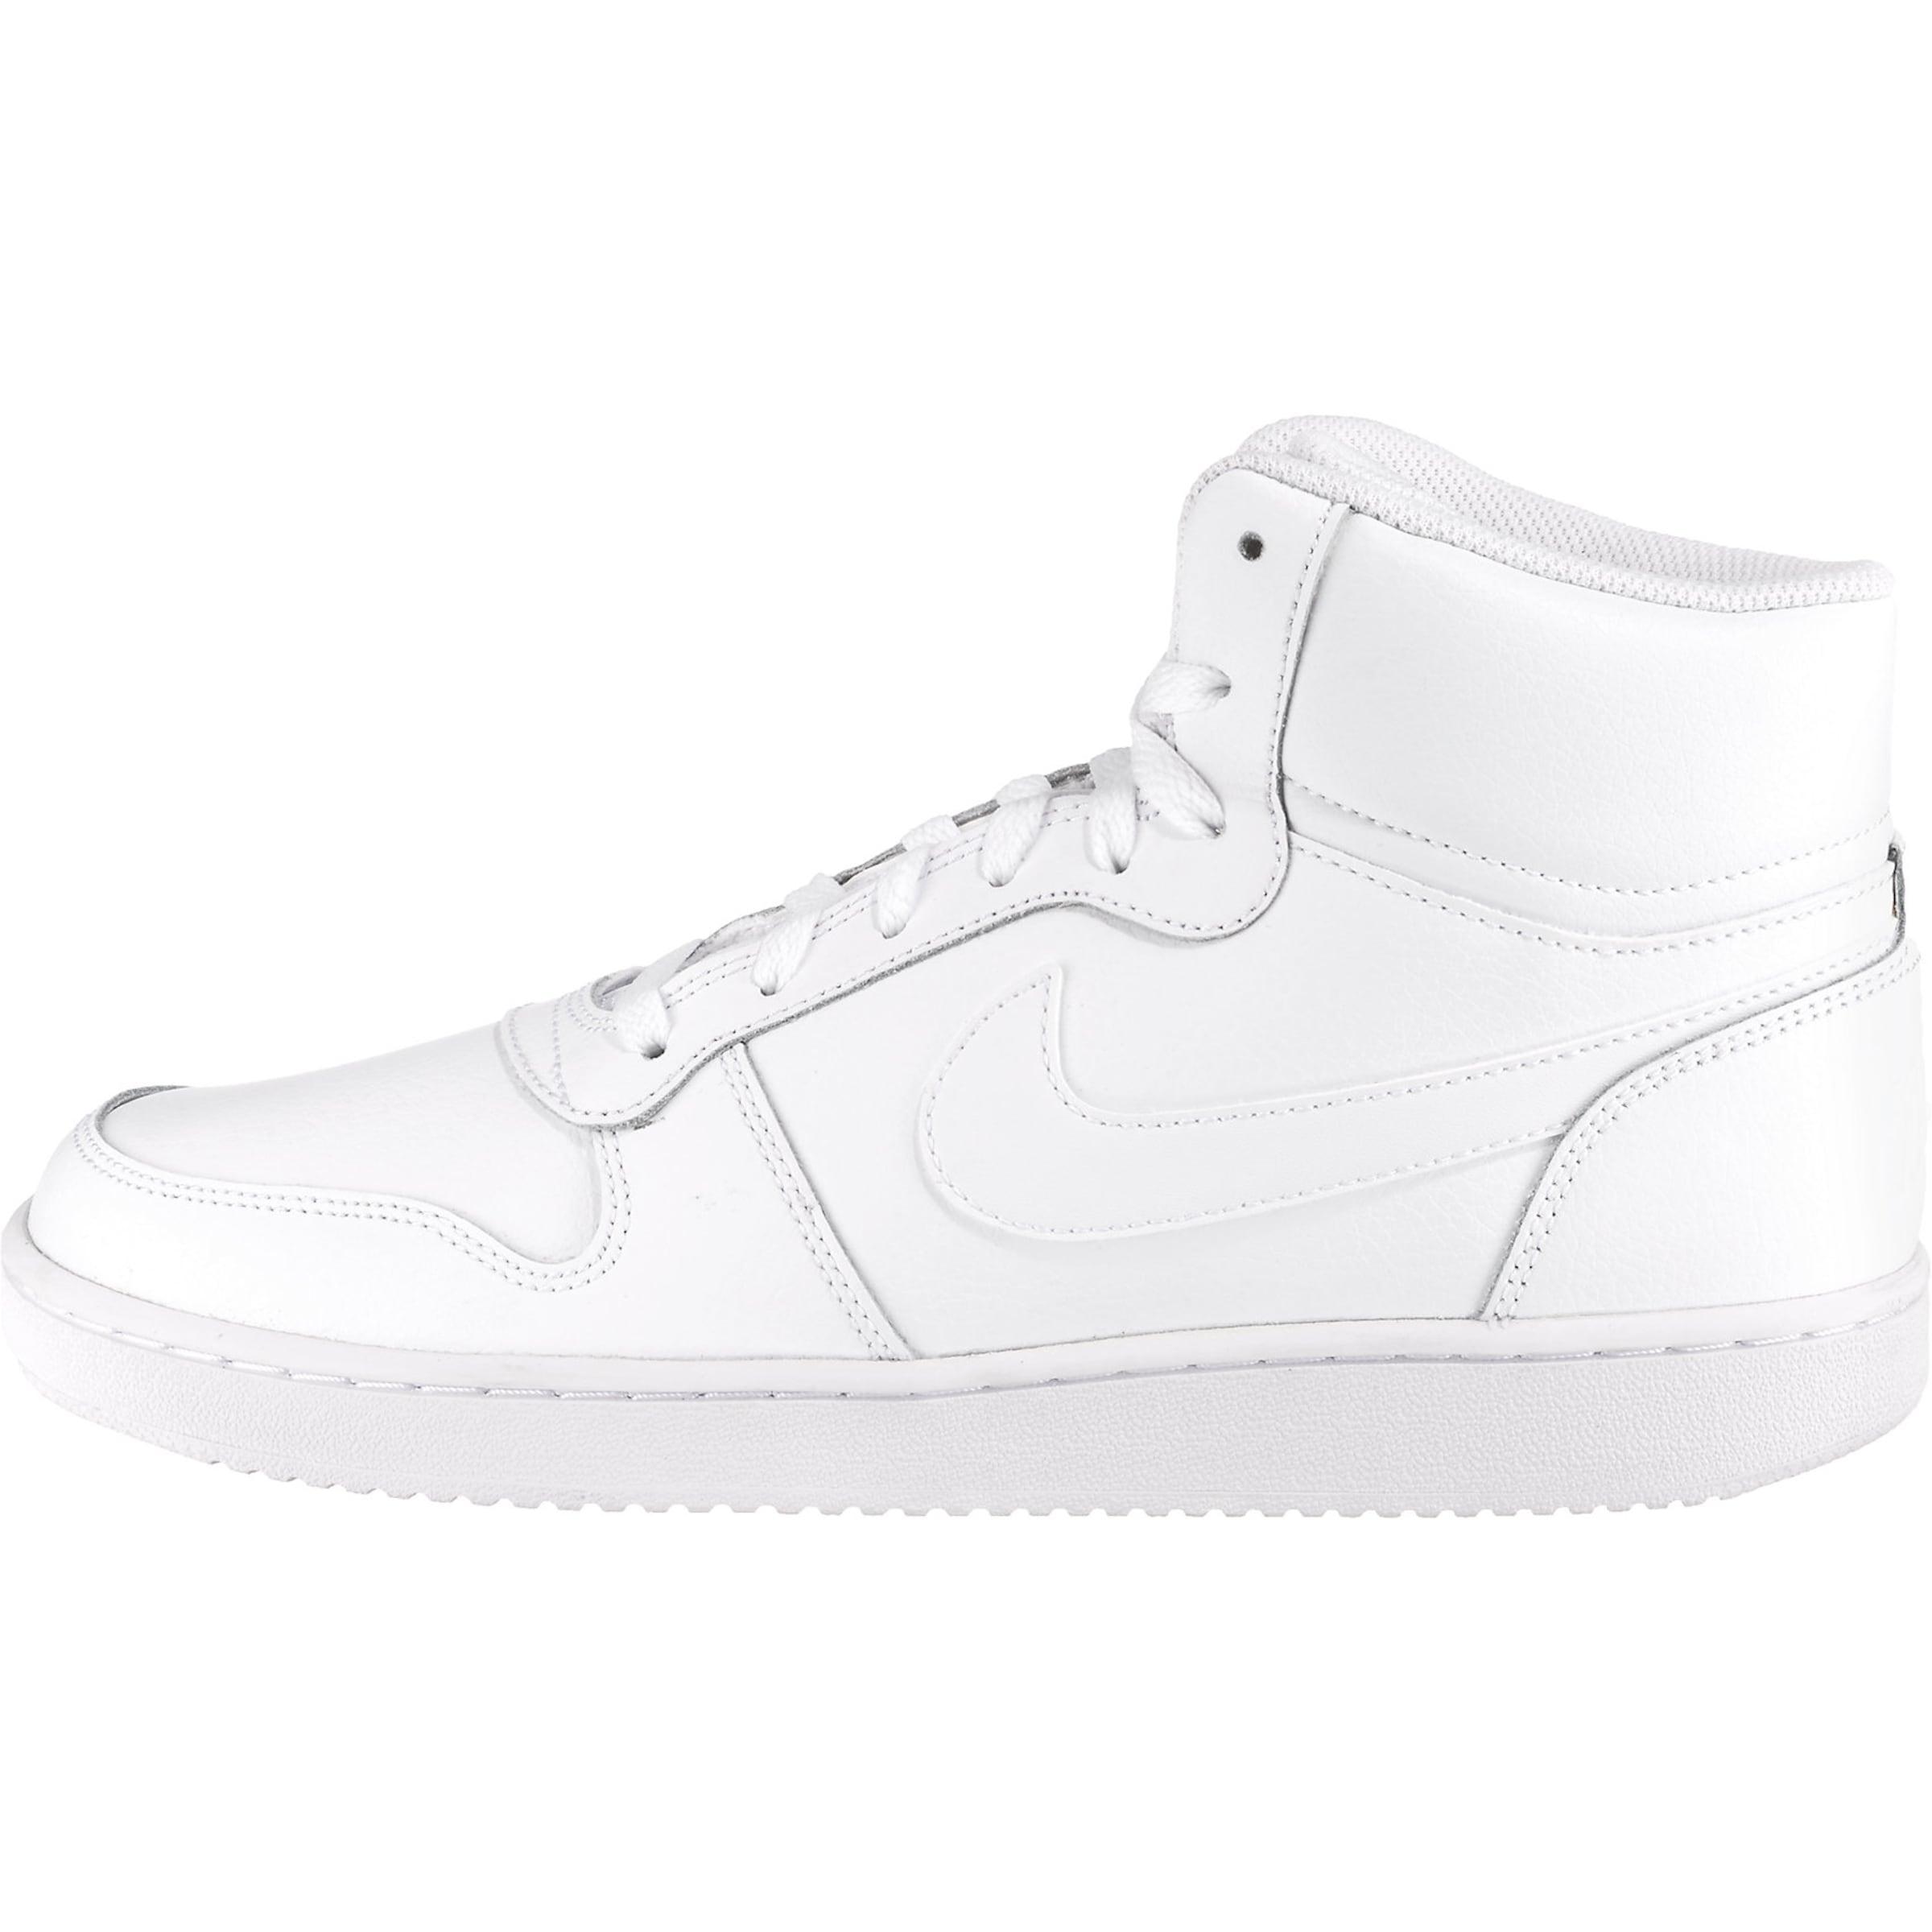 Mid' Nike Weiß 'ebernon In Sneaker Sportswear vPyN8nOwm0